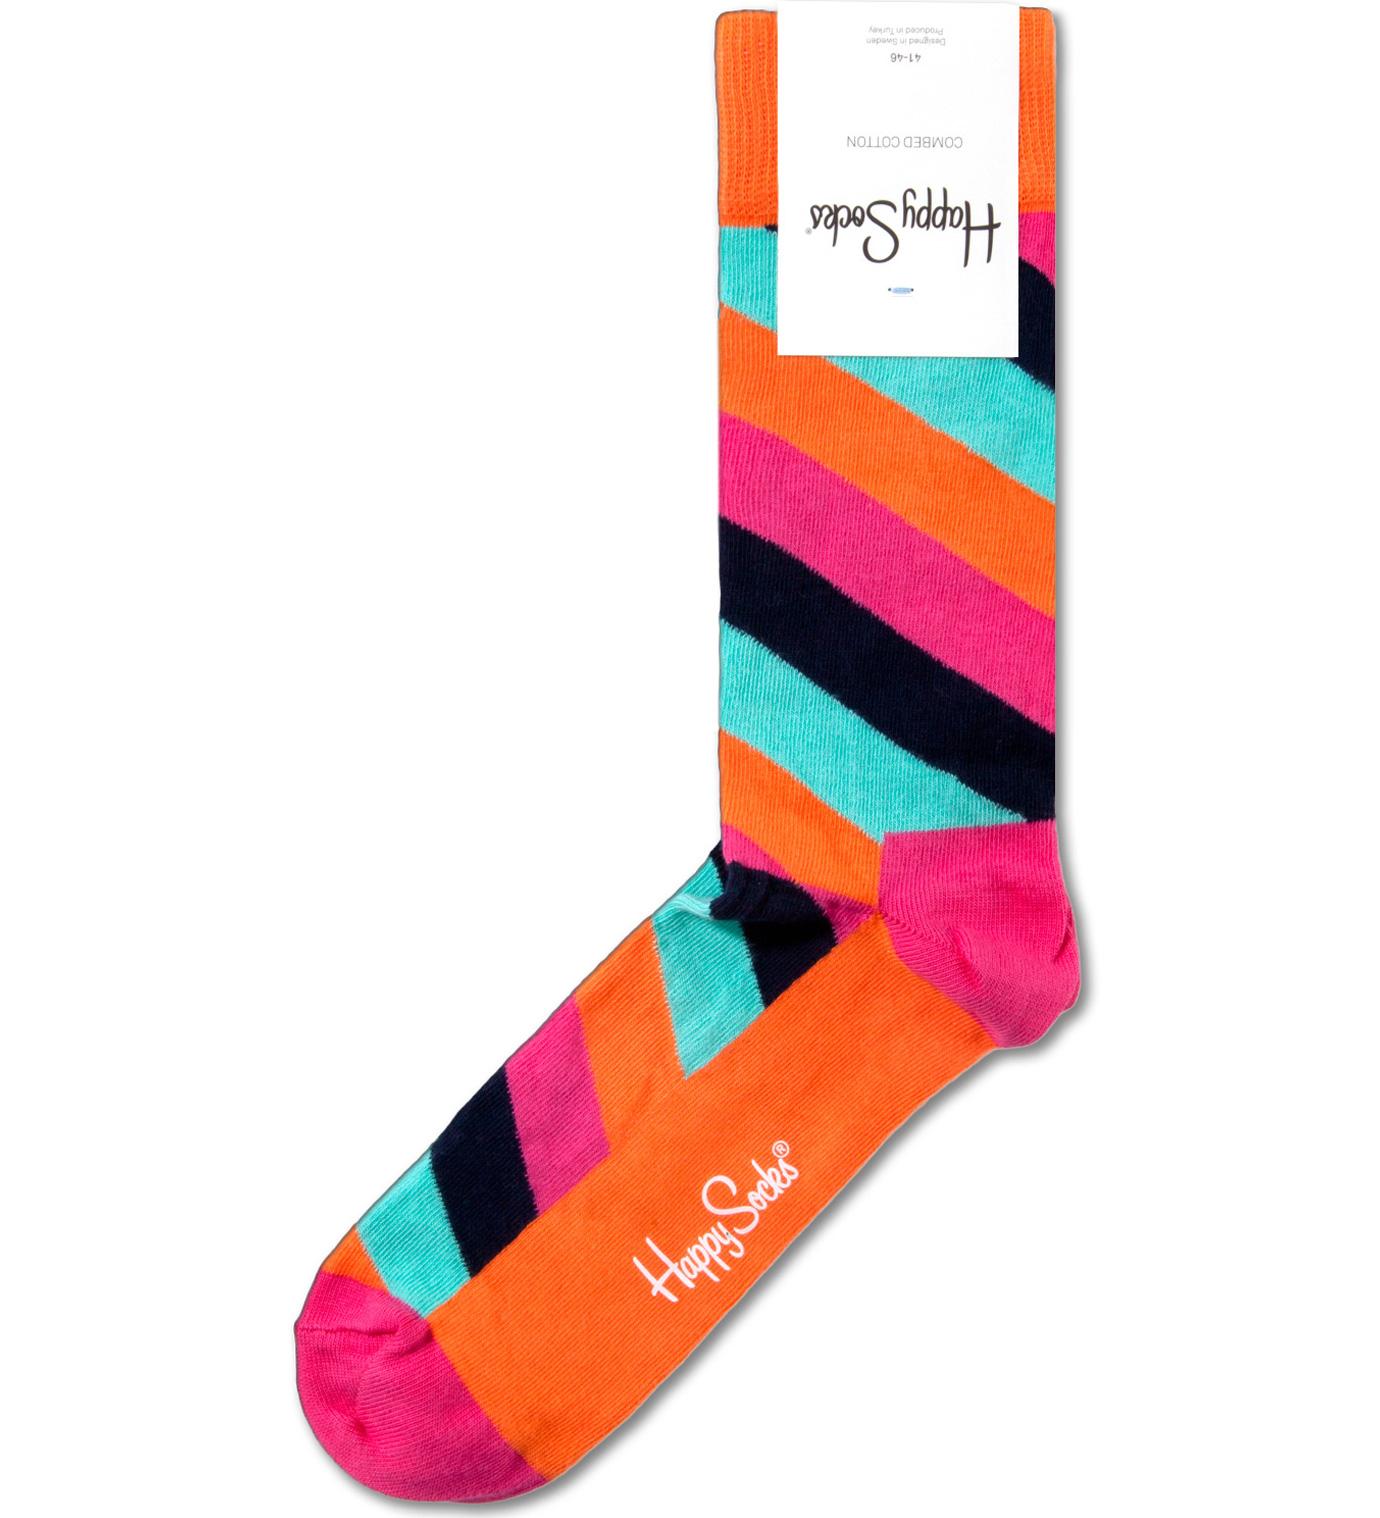 Happy Socks Polka Stripe 03 Socks | HBX.